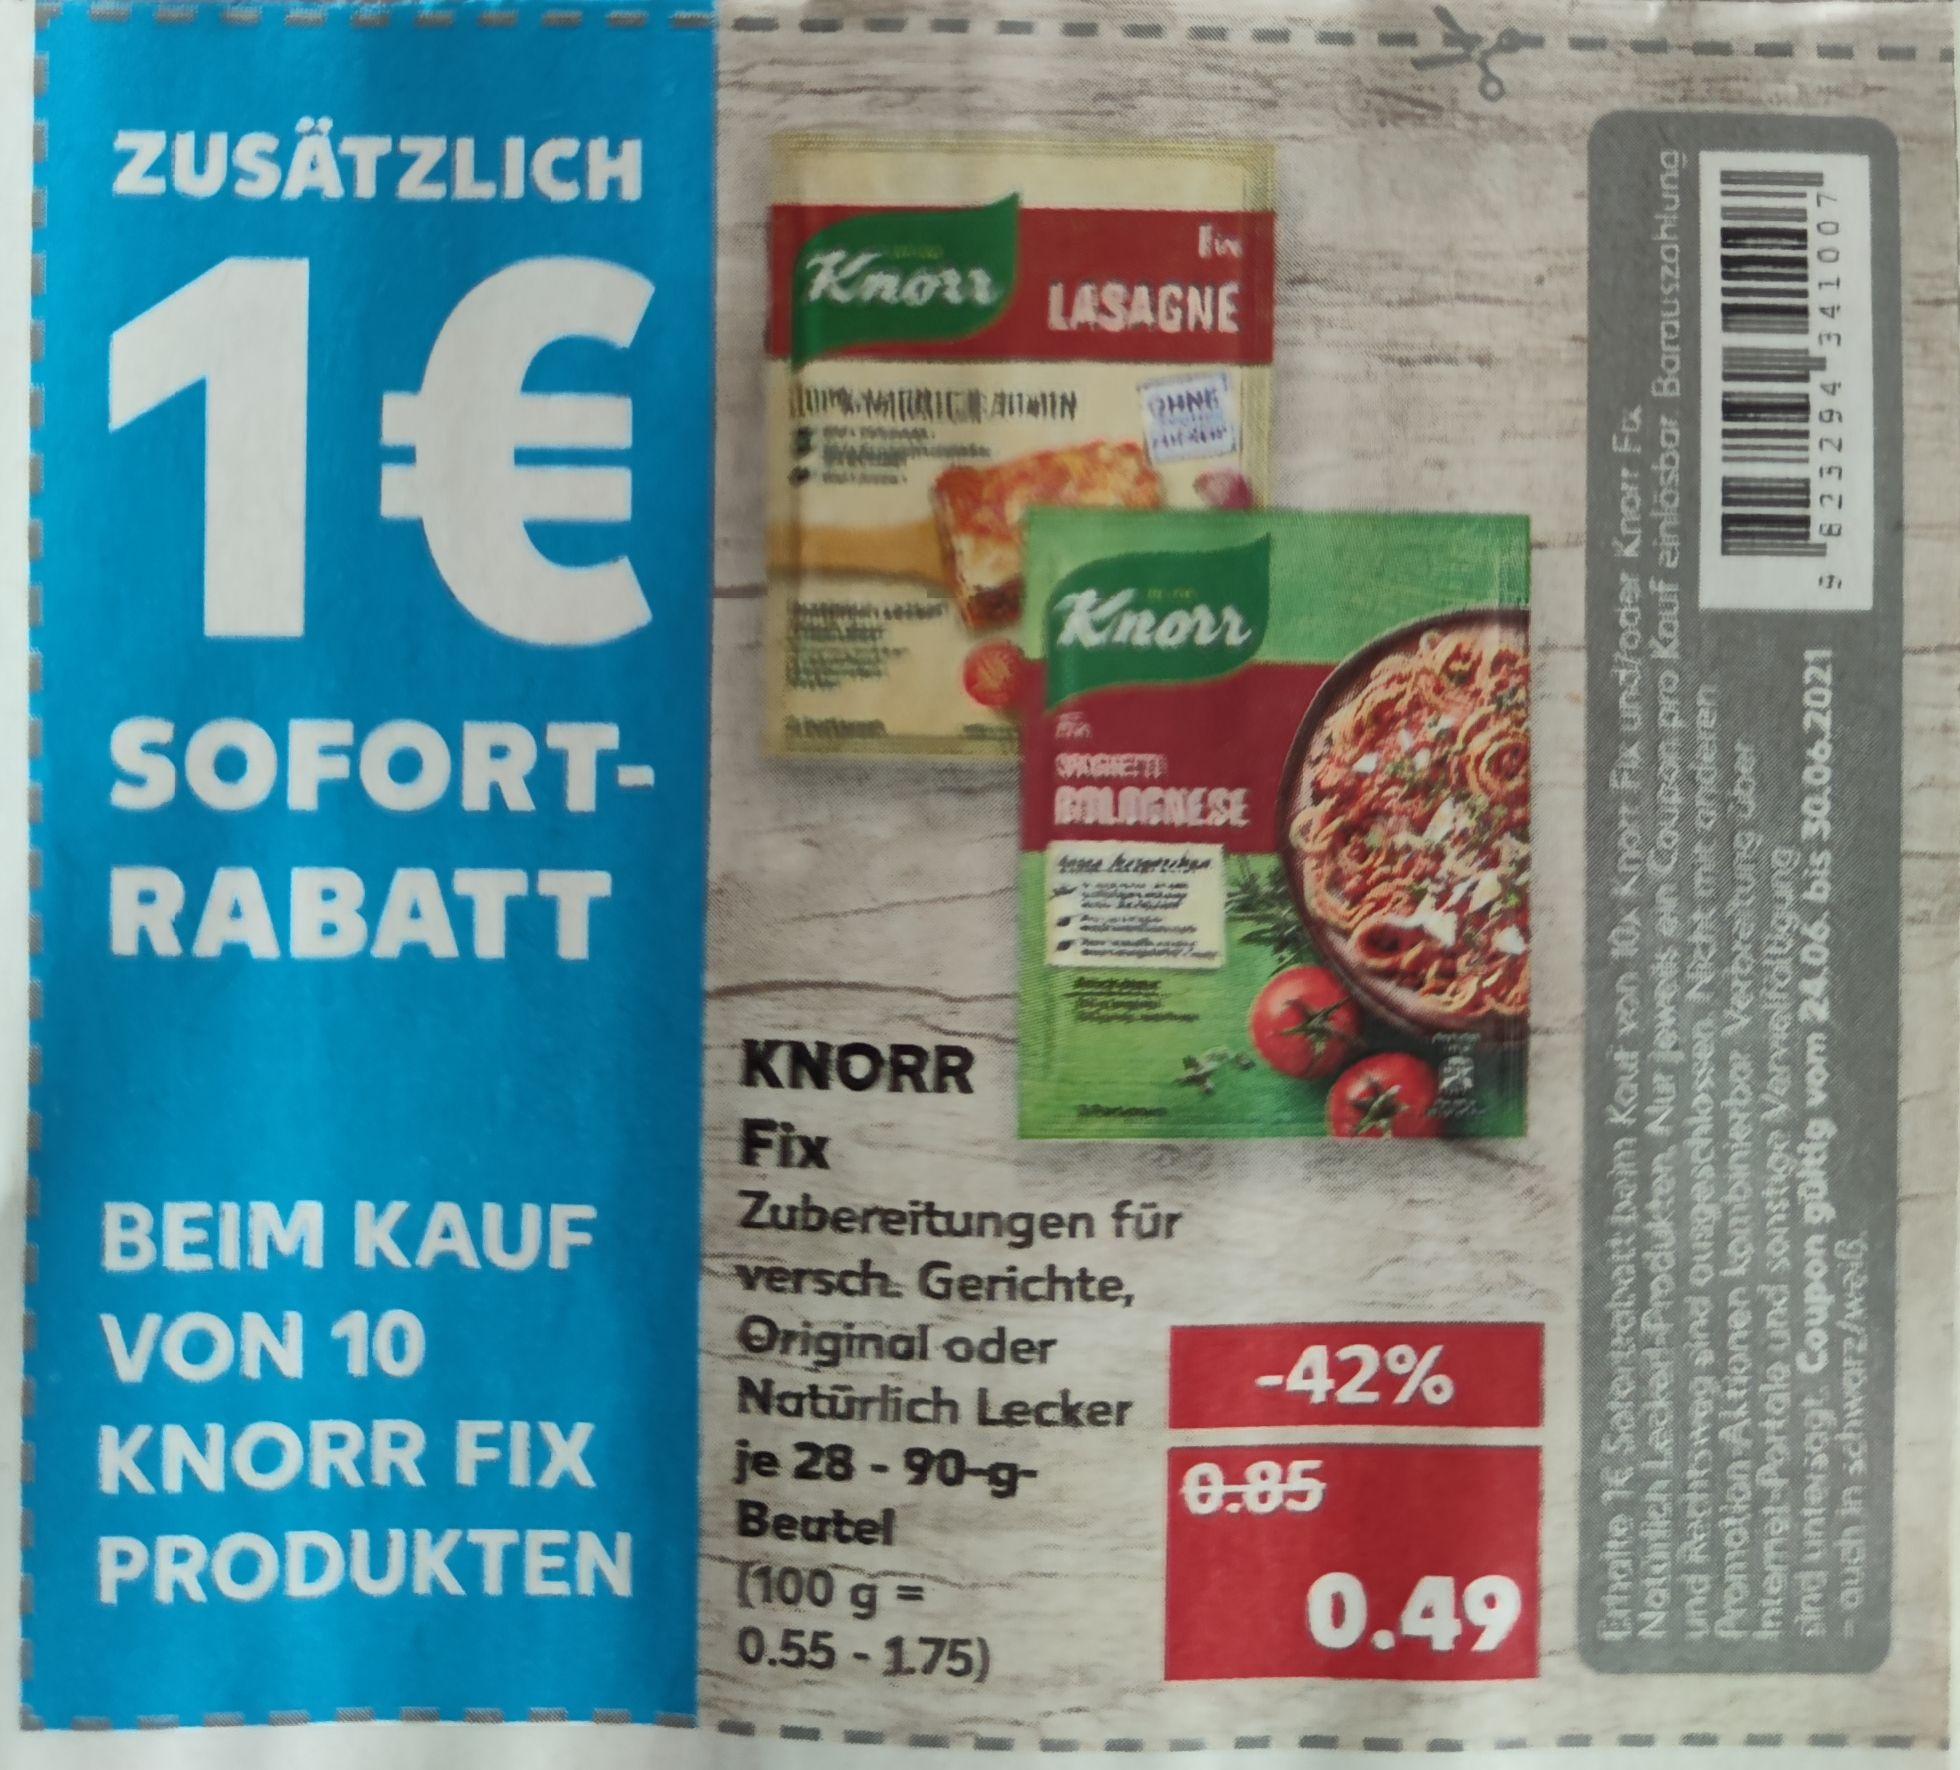 KNORR Fix für 0.49€ pro Beutel / mit Coupon ab 10St. für 0.39€